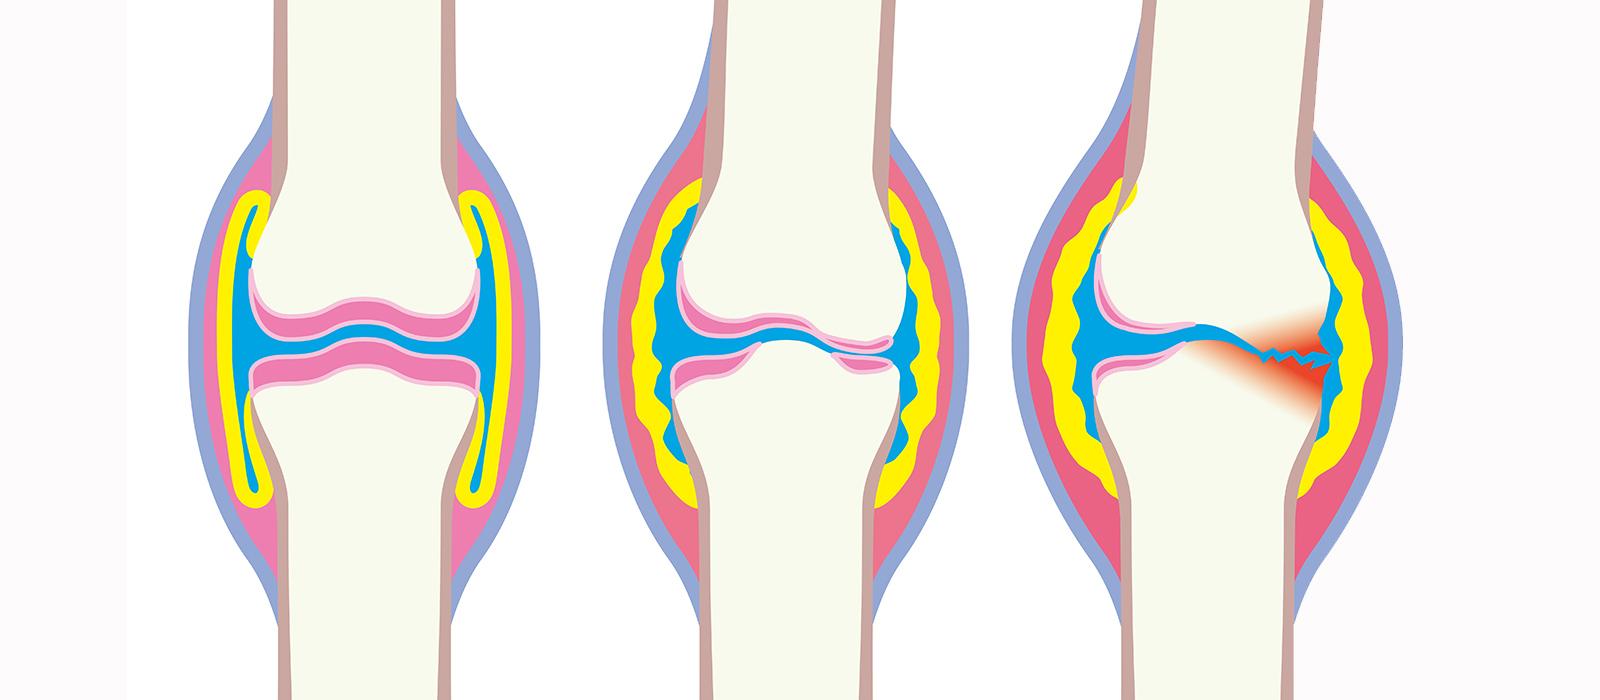 L'arthrose et la douleur : comment gérer ?